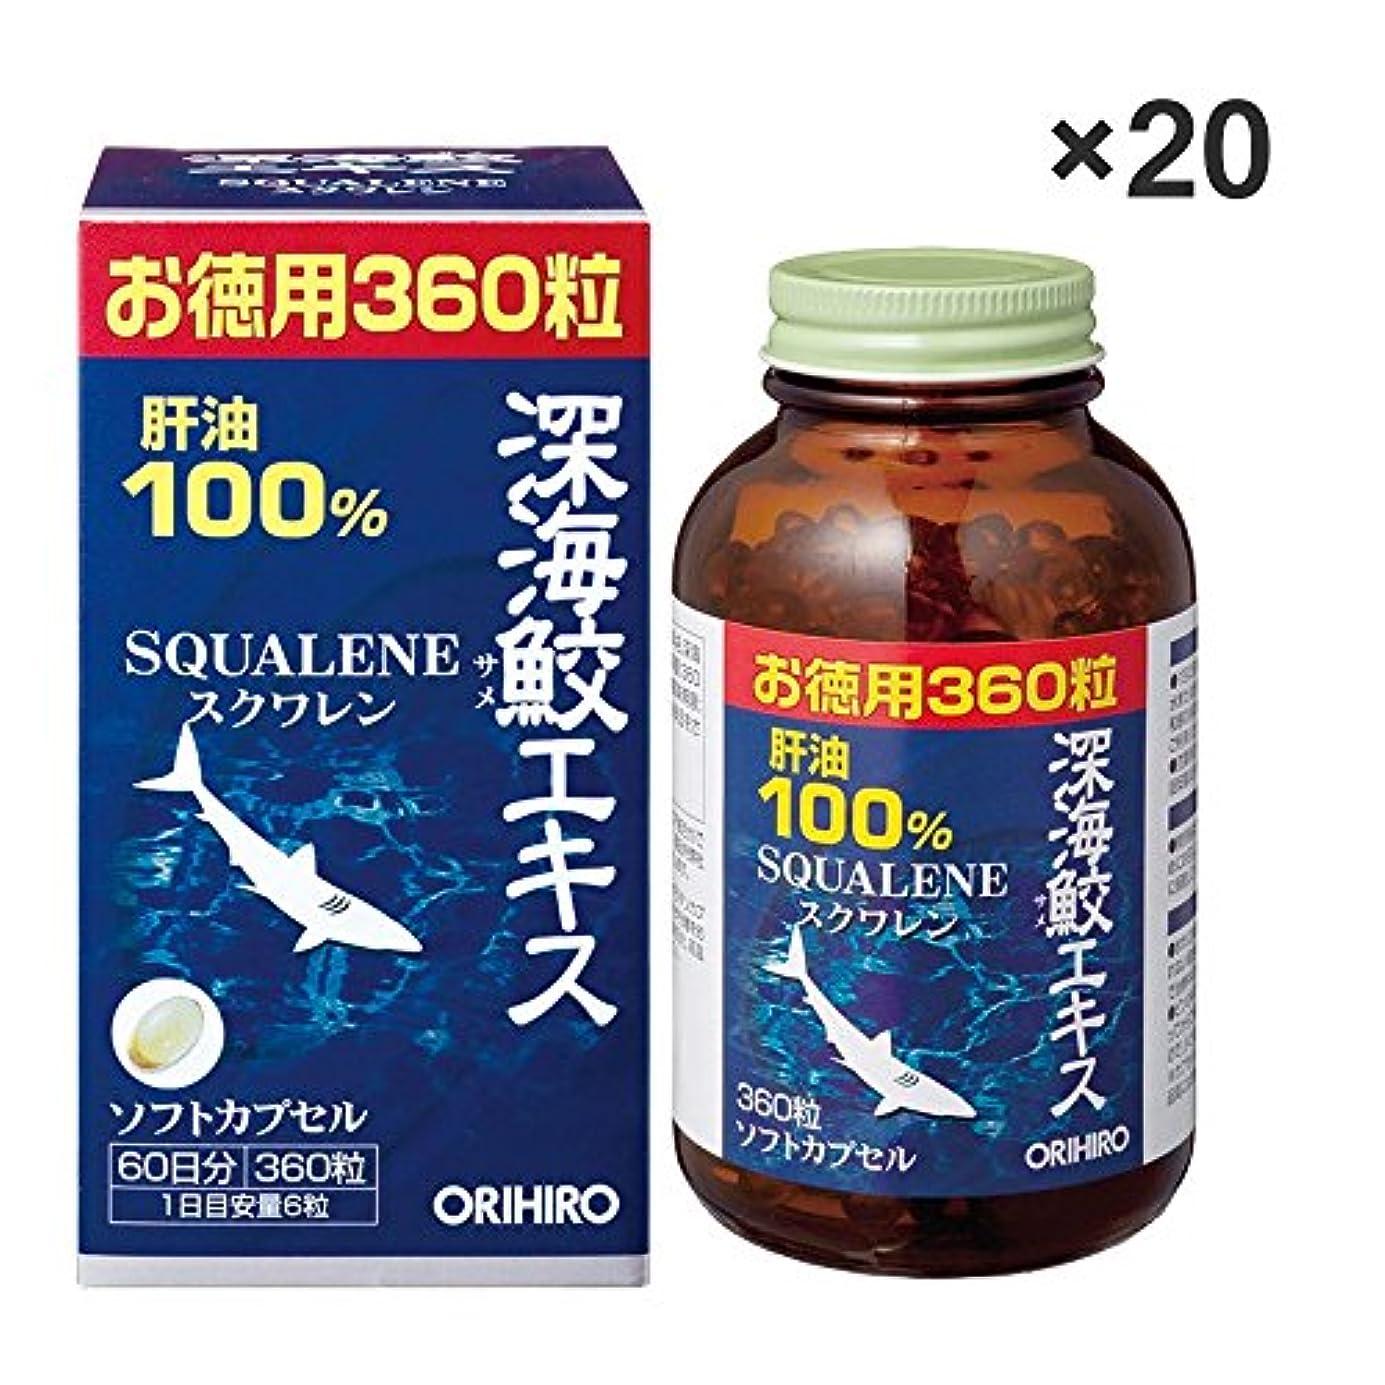 和らげる難民バタフライ【20点セット】オリヒロ 深海鮫エキスカプセル徳用 360粒